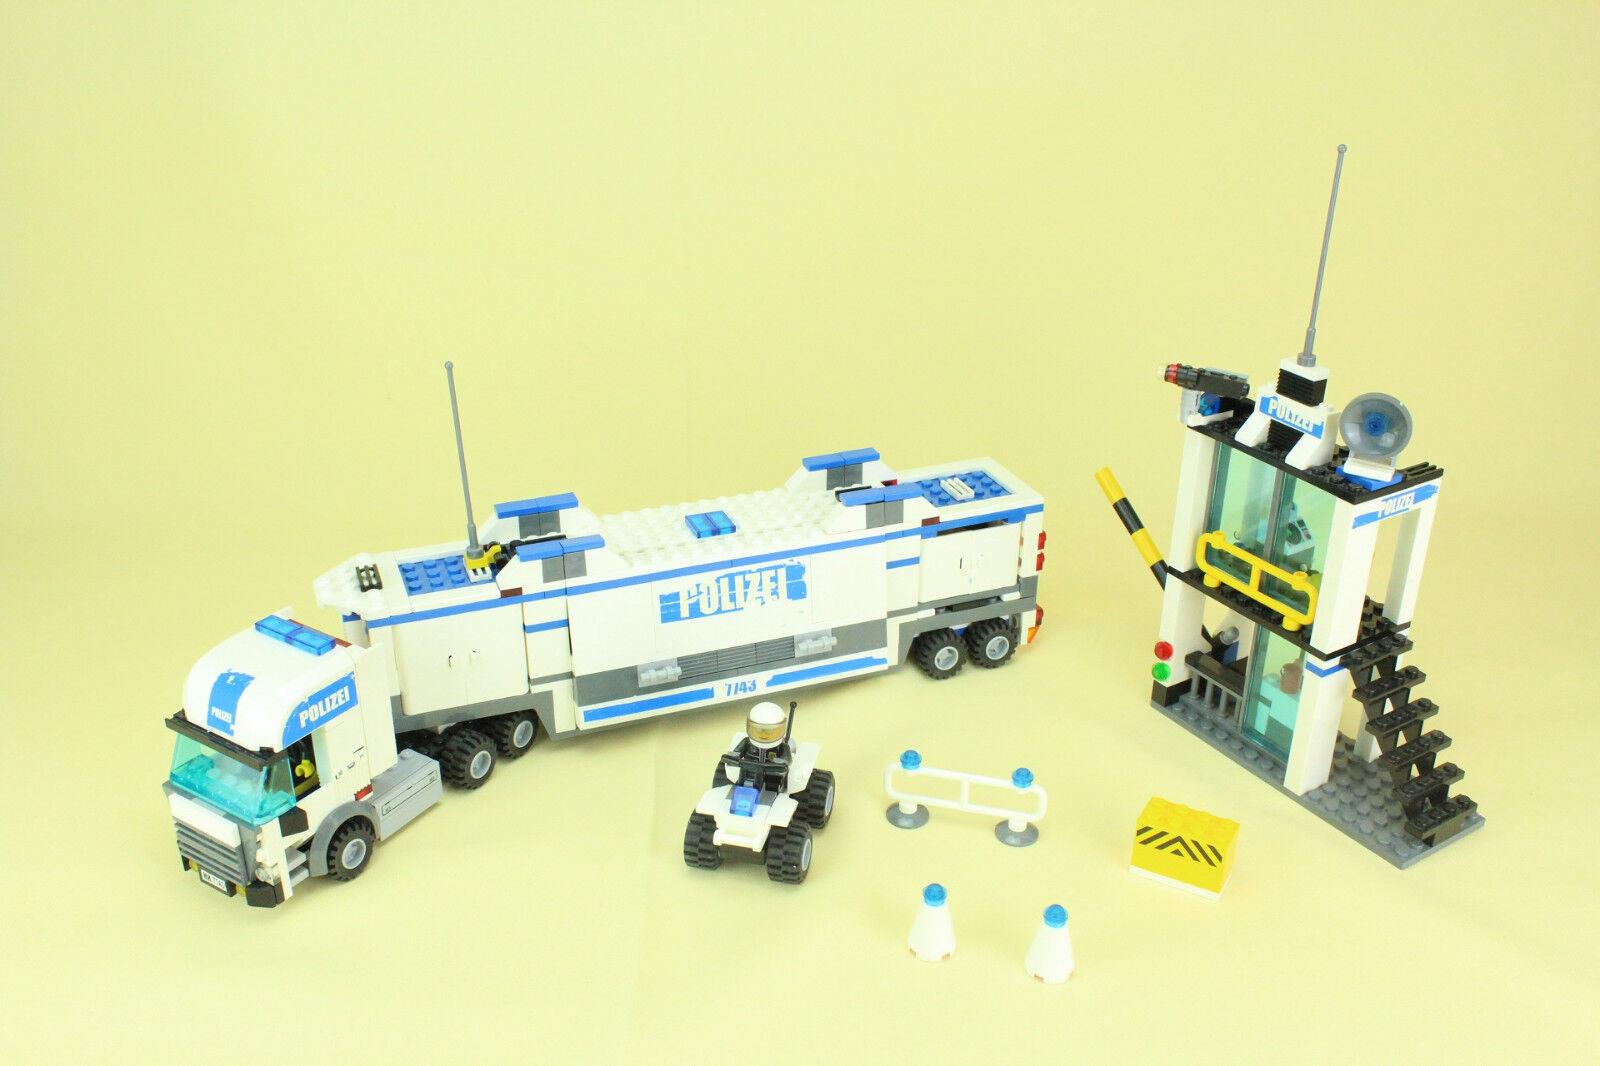 LEGO® 7743 CITY POLICE - Command Center - Polizei Überwachung - mit OVP